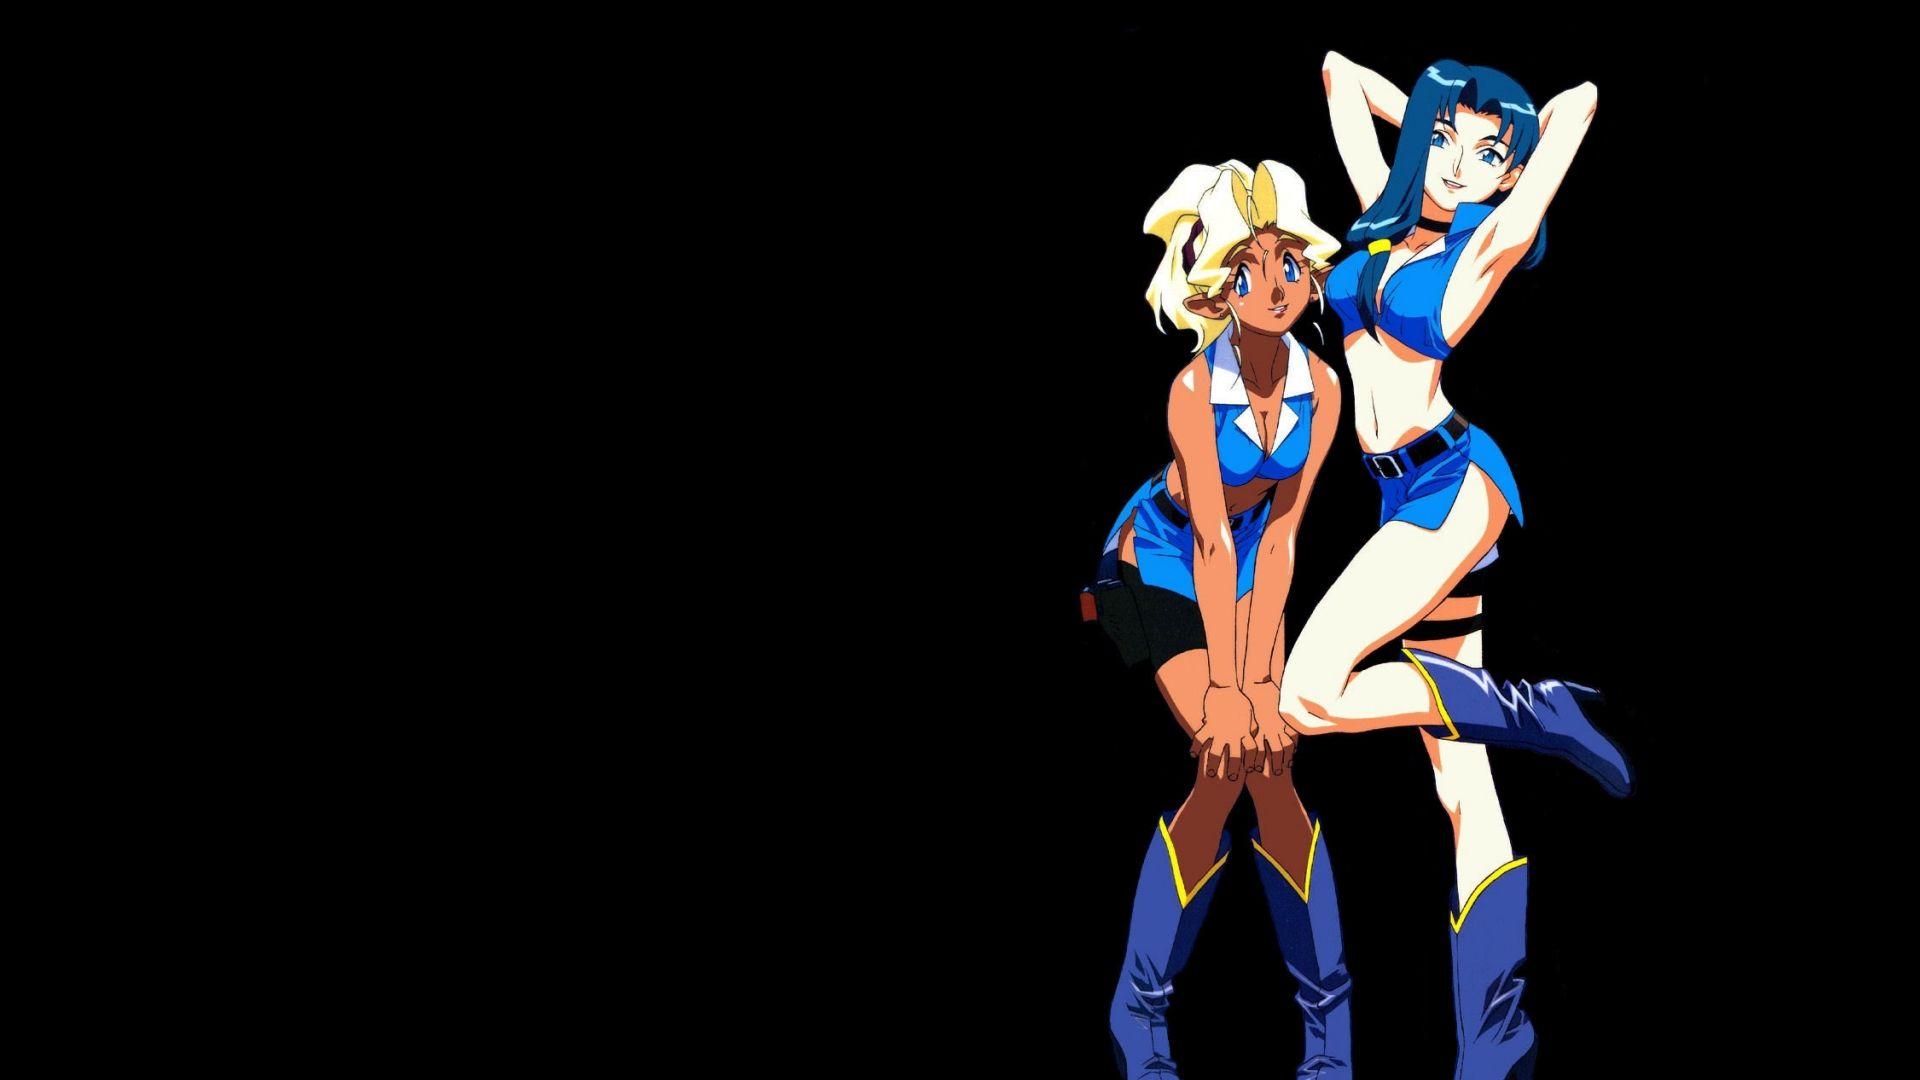 Wallpaper Mihoshi Kuramitsu, Misao Kuramitsu, Tenchi Muyo, anime girl